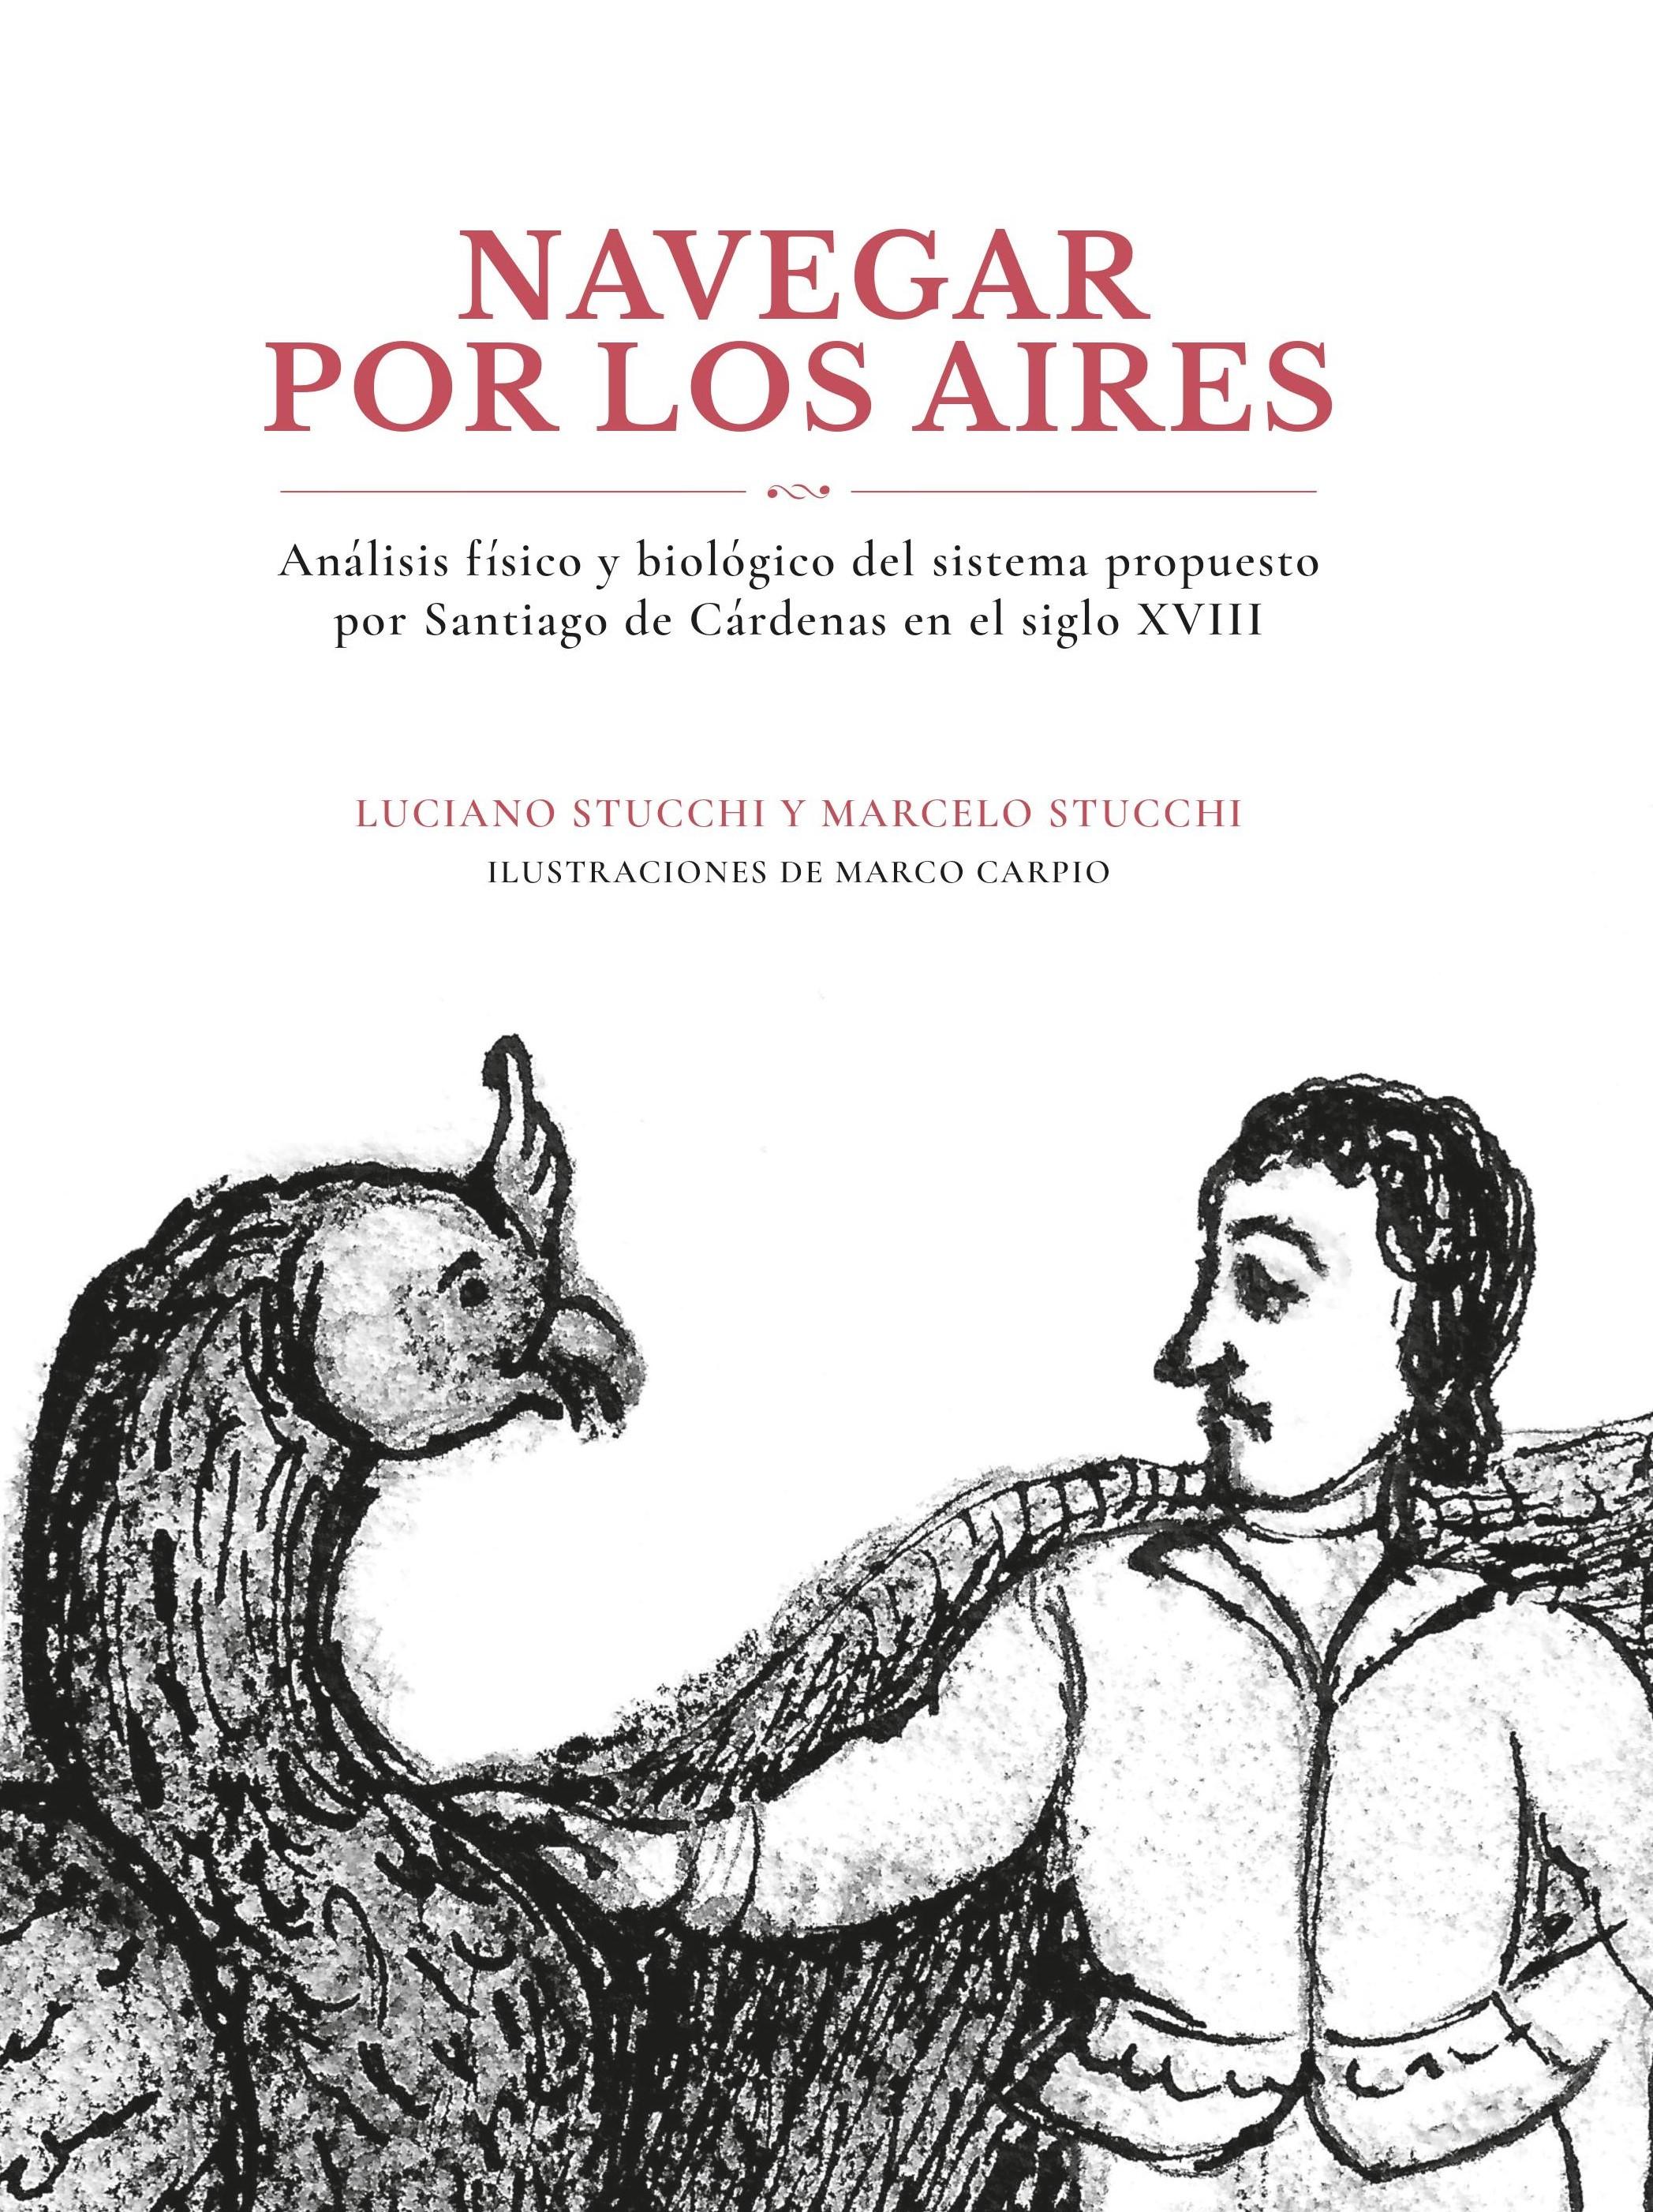 Navegar por los aires. Análisis físico y biológico del sistema propuesto por Santiago de Cárdenas en el siglo XVIII